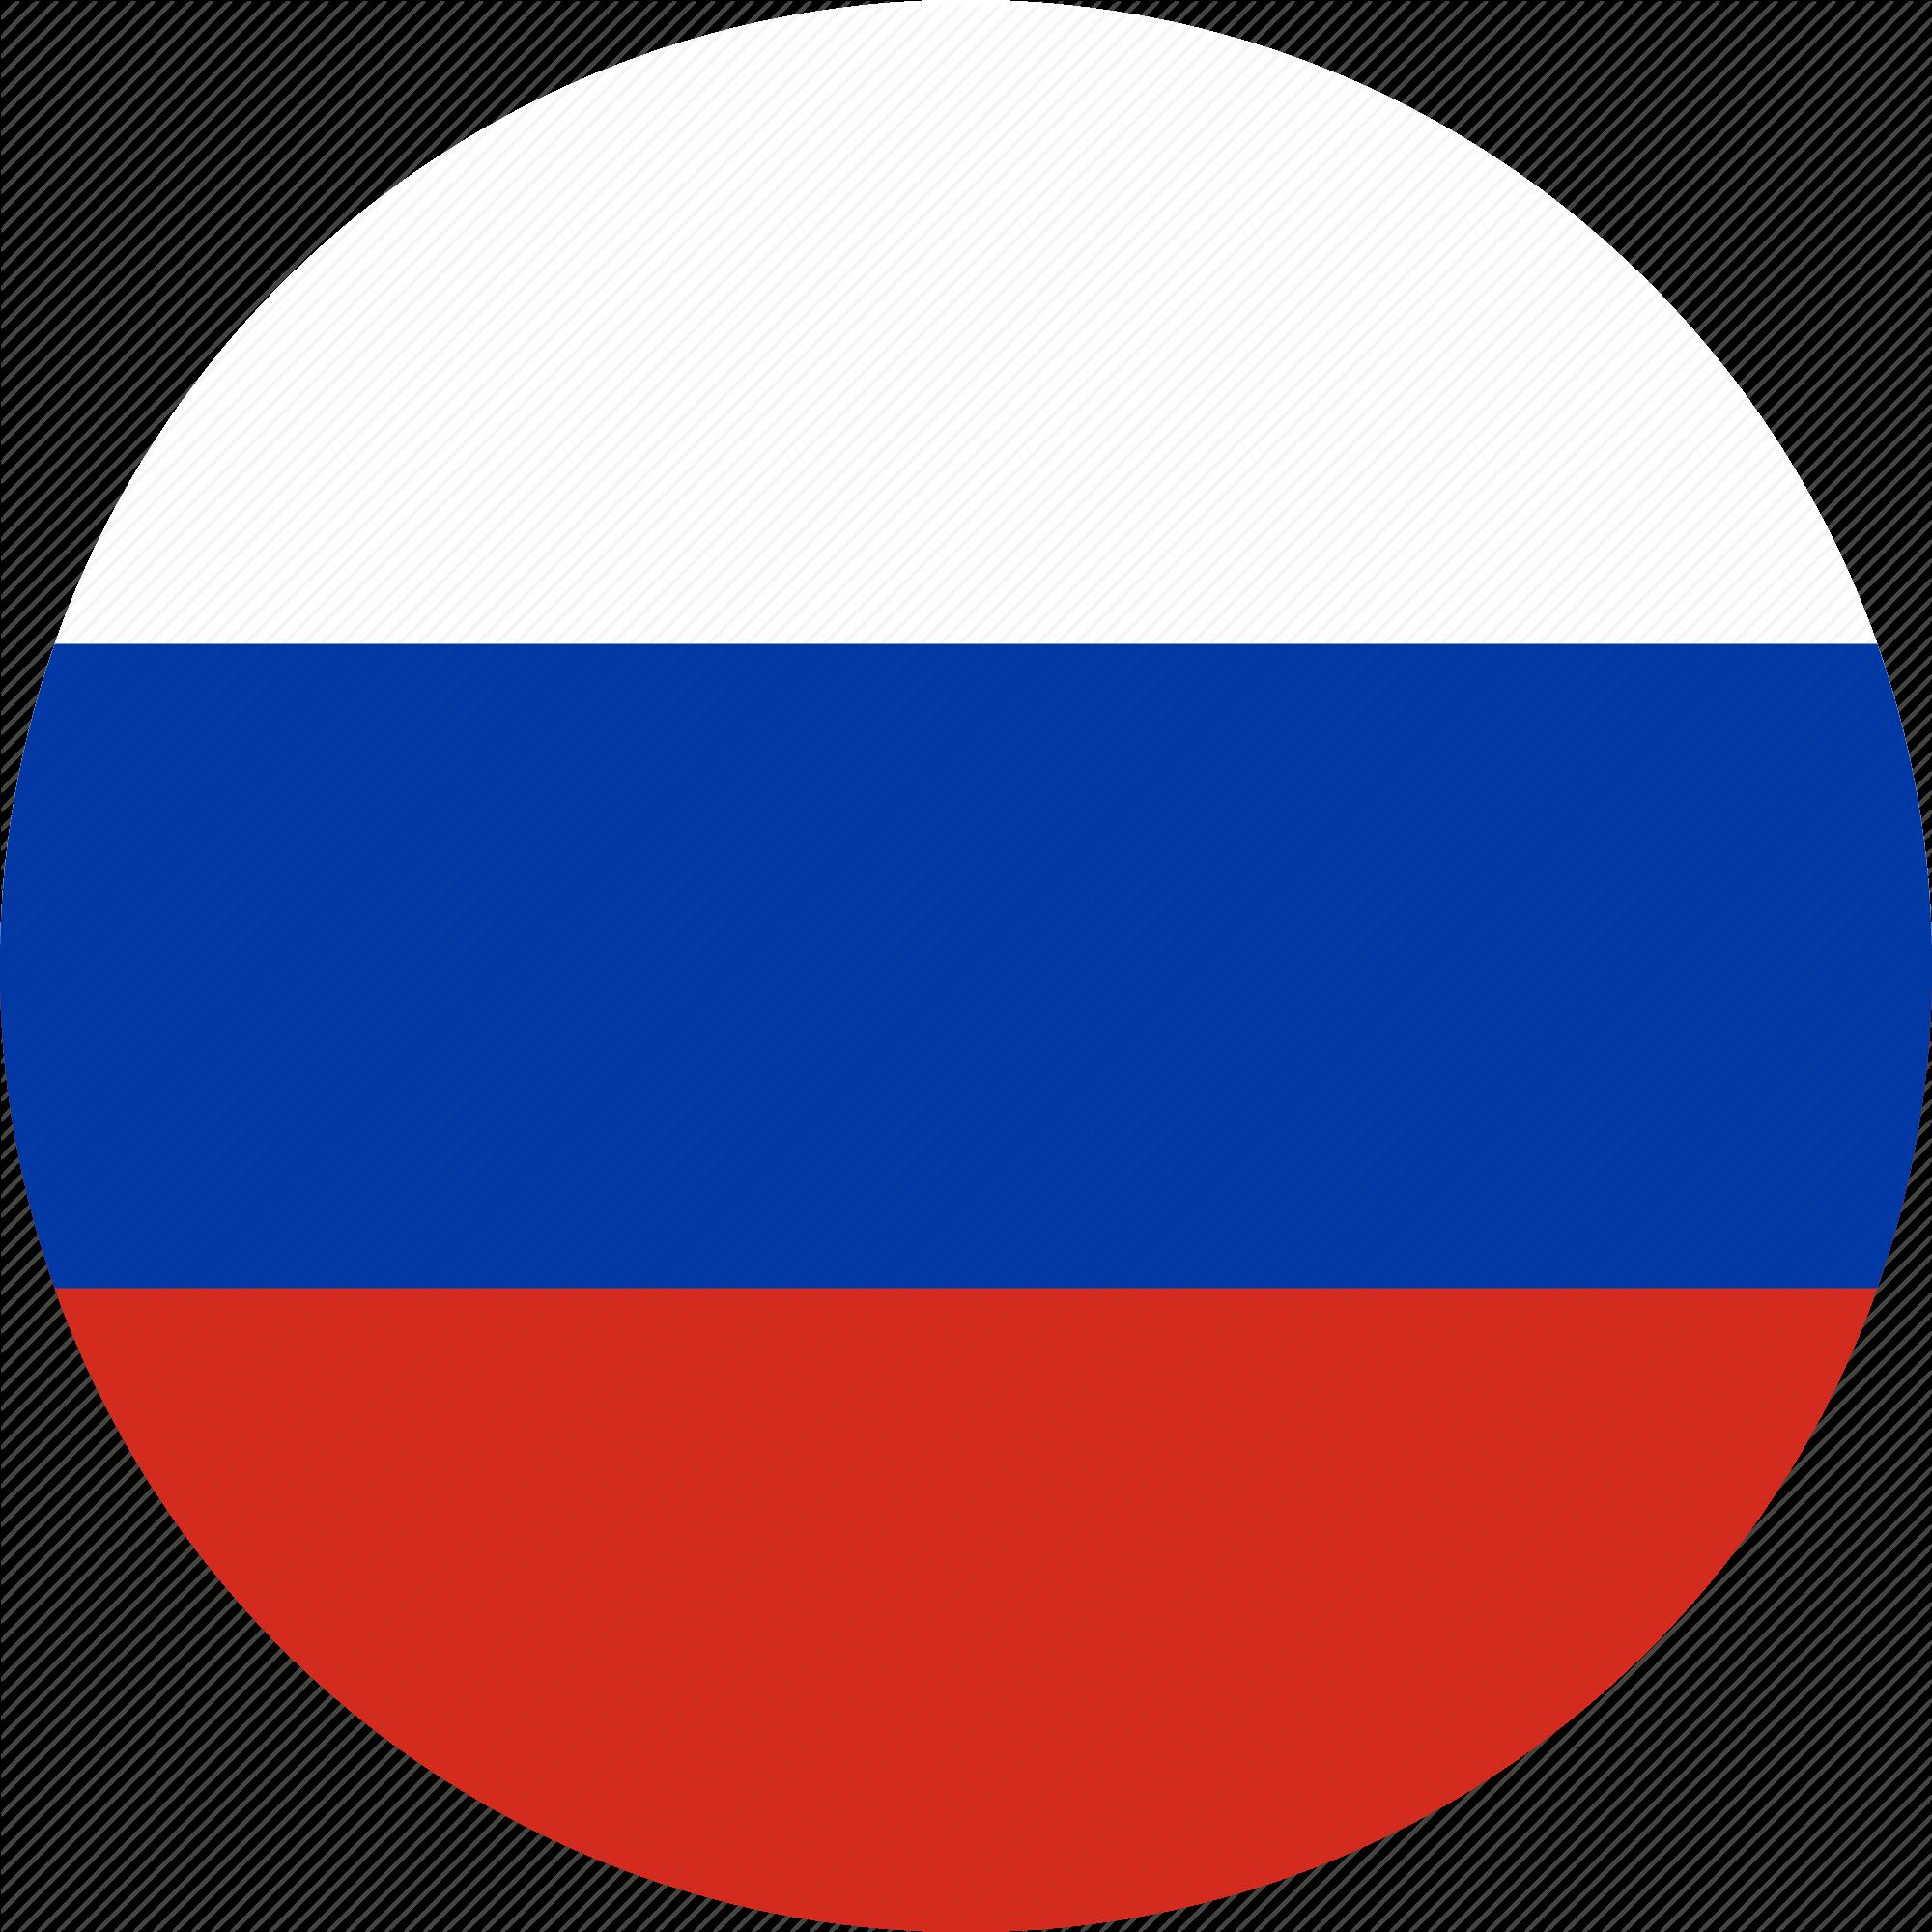 Flag, Ru, Russia Icon.